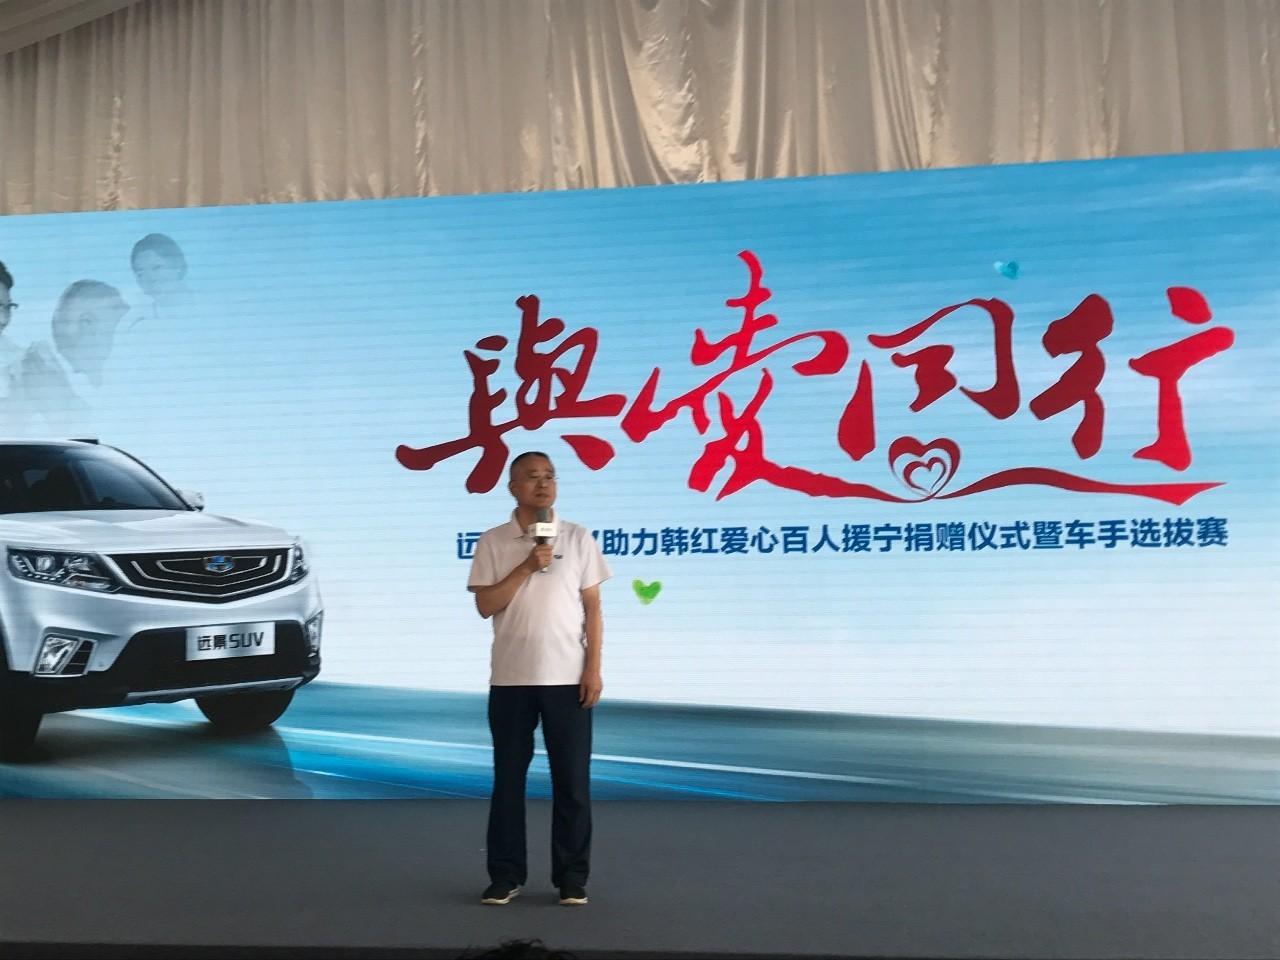 韩红爱心百人援宁,吉利又捐了30辆远景SUV